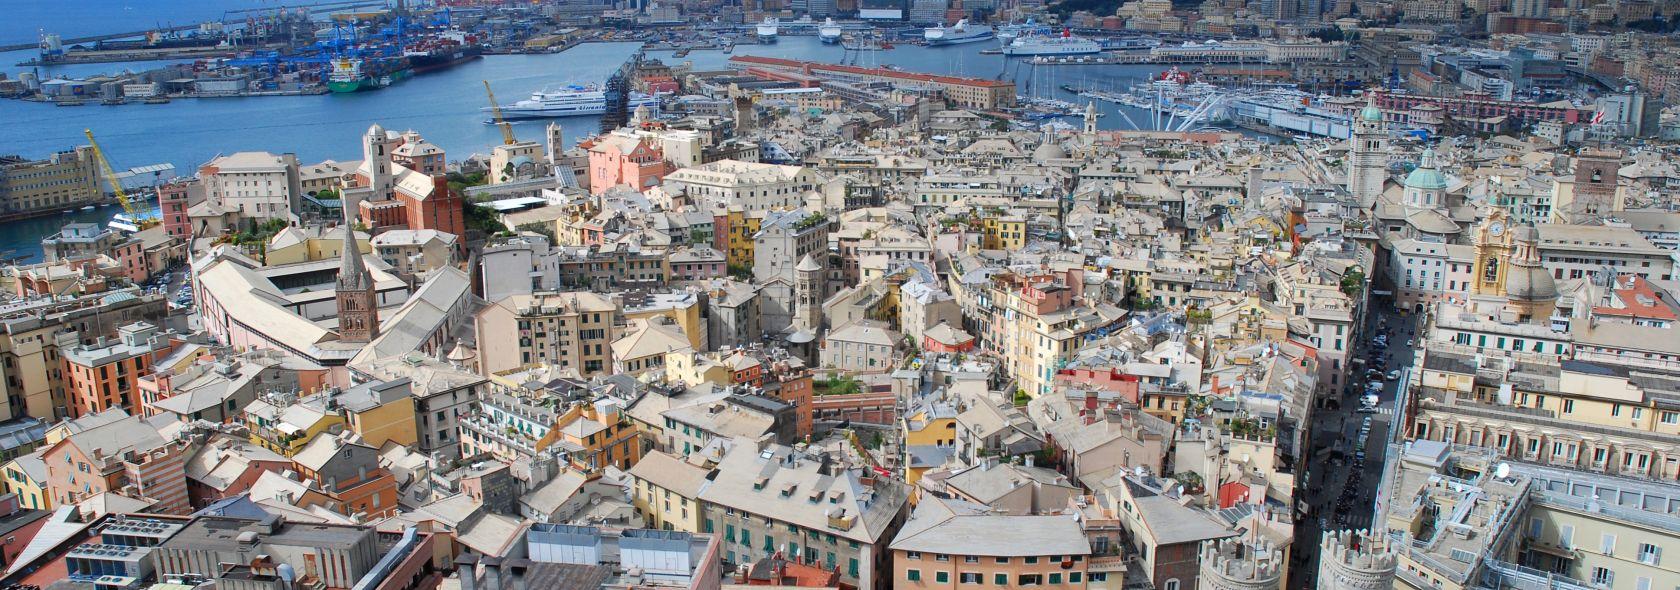 Panorama dal grattacielo di Piazza Dante